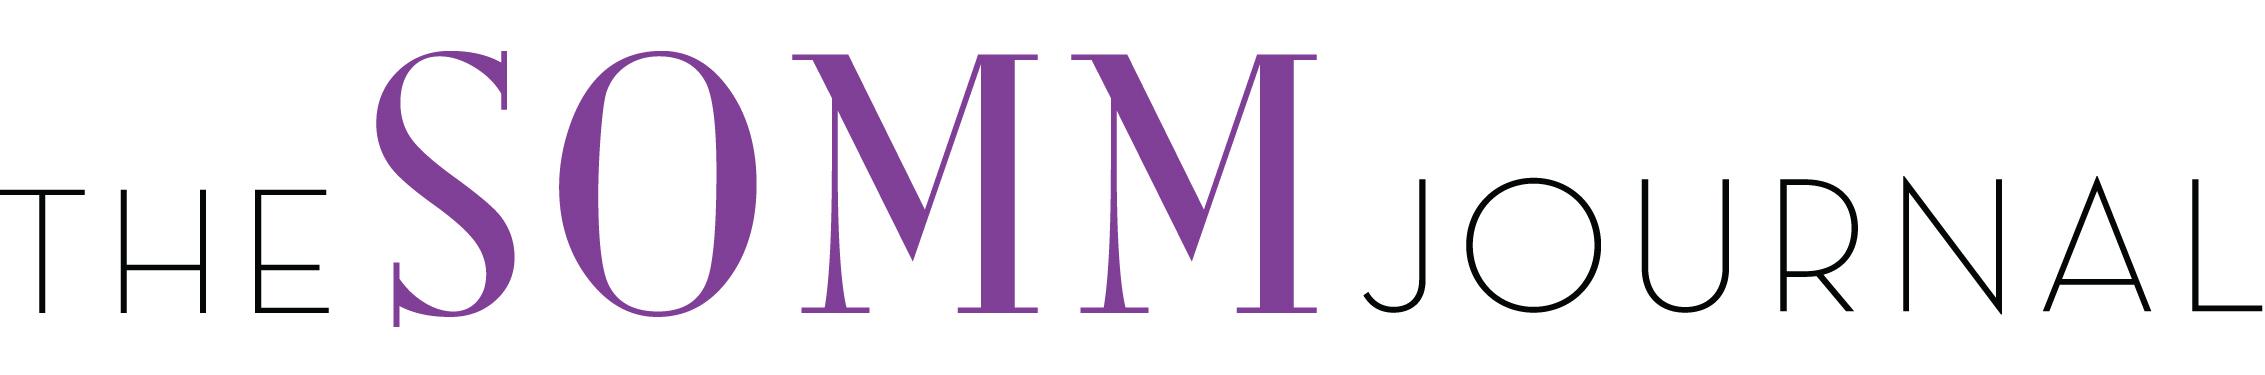 The Somm Journal logo_LARGE.jpg